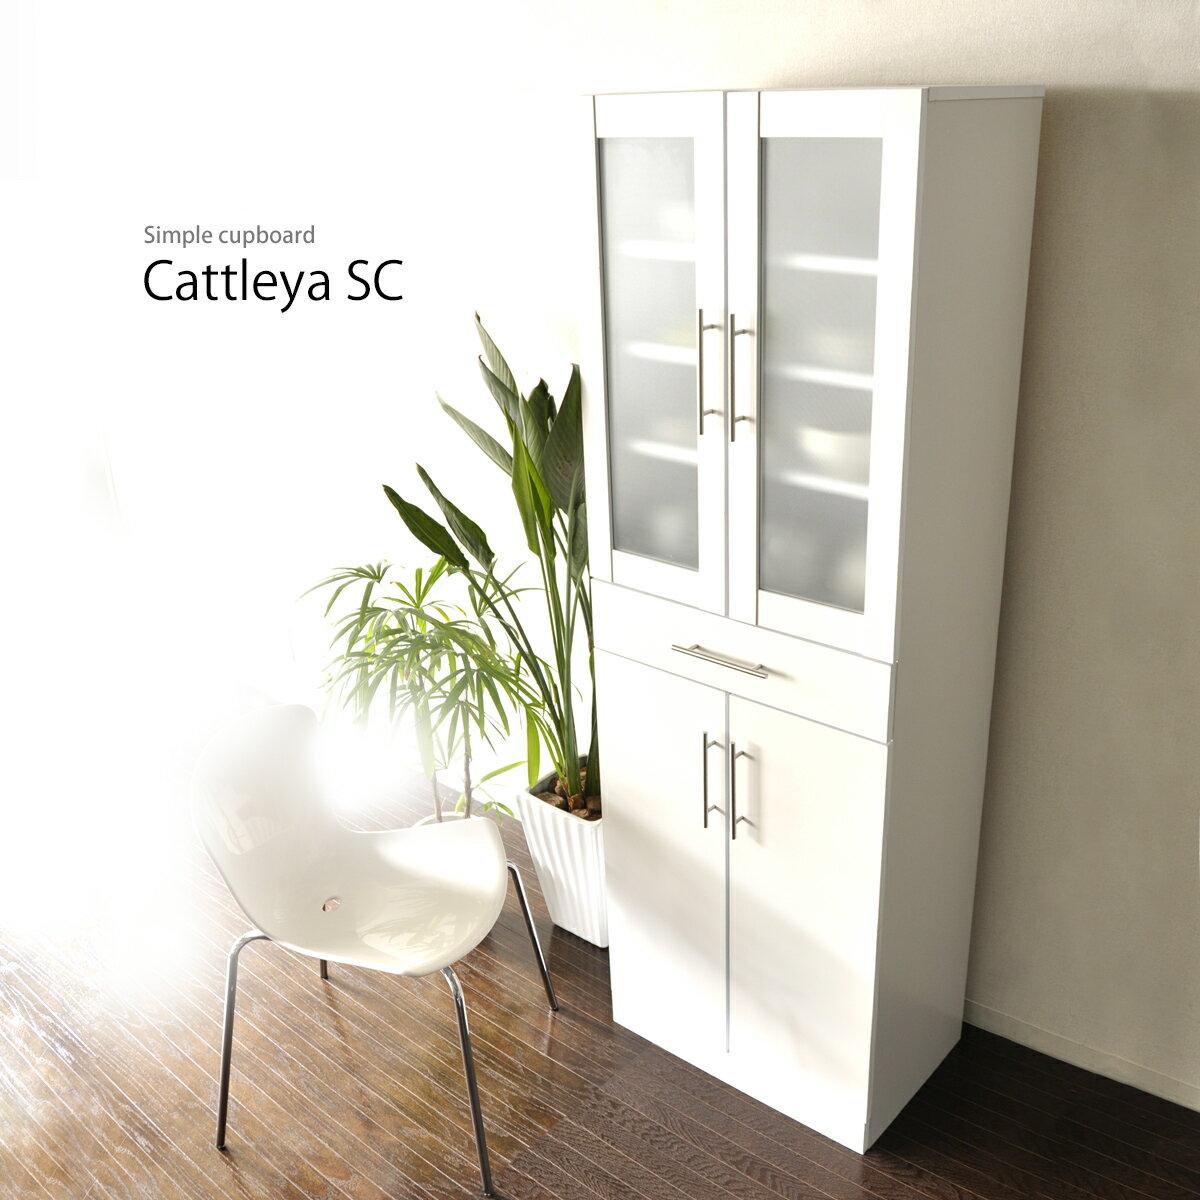 食器棚 カップボード 白 Cattleya SC〔カトレア〕 ホワイト